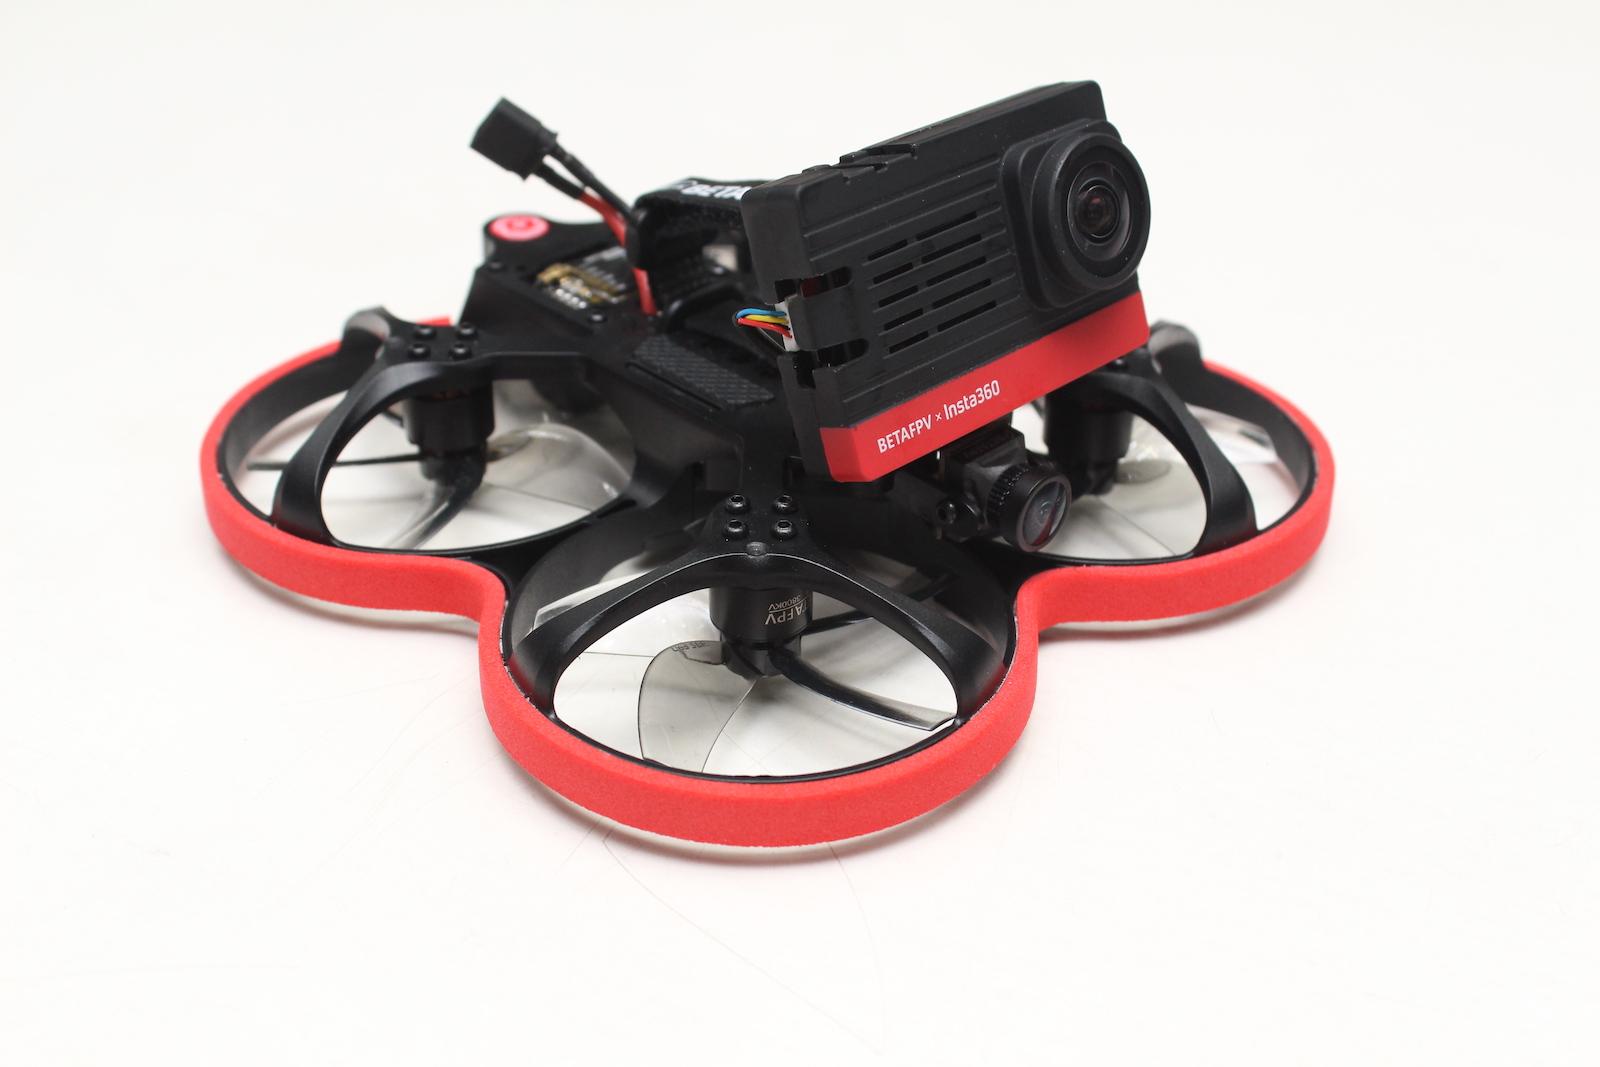 實機開箱 BETAFPV X Insta360 SMO 4K 運動相機